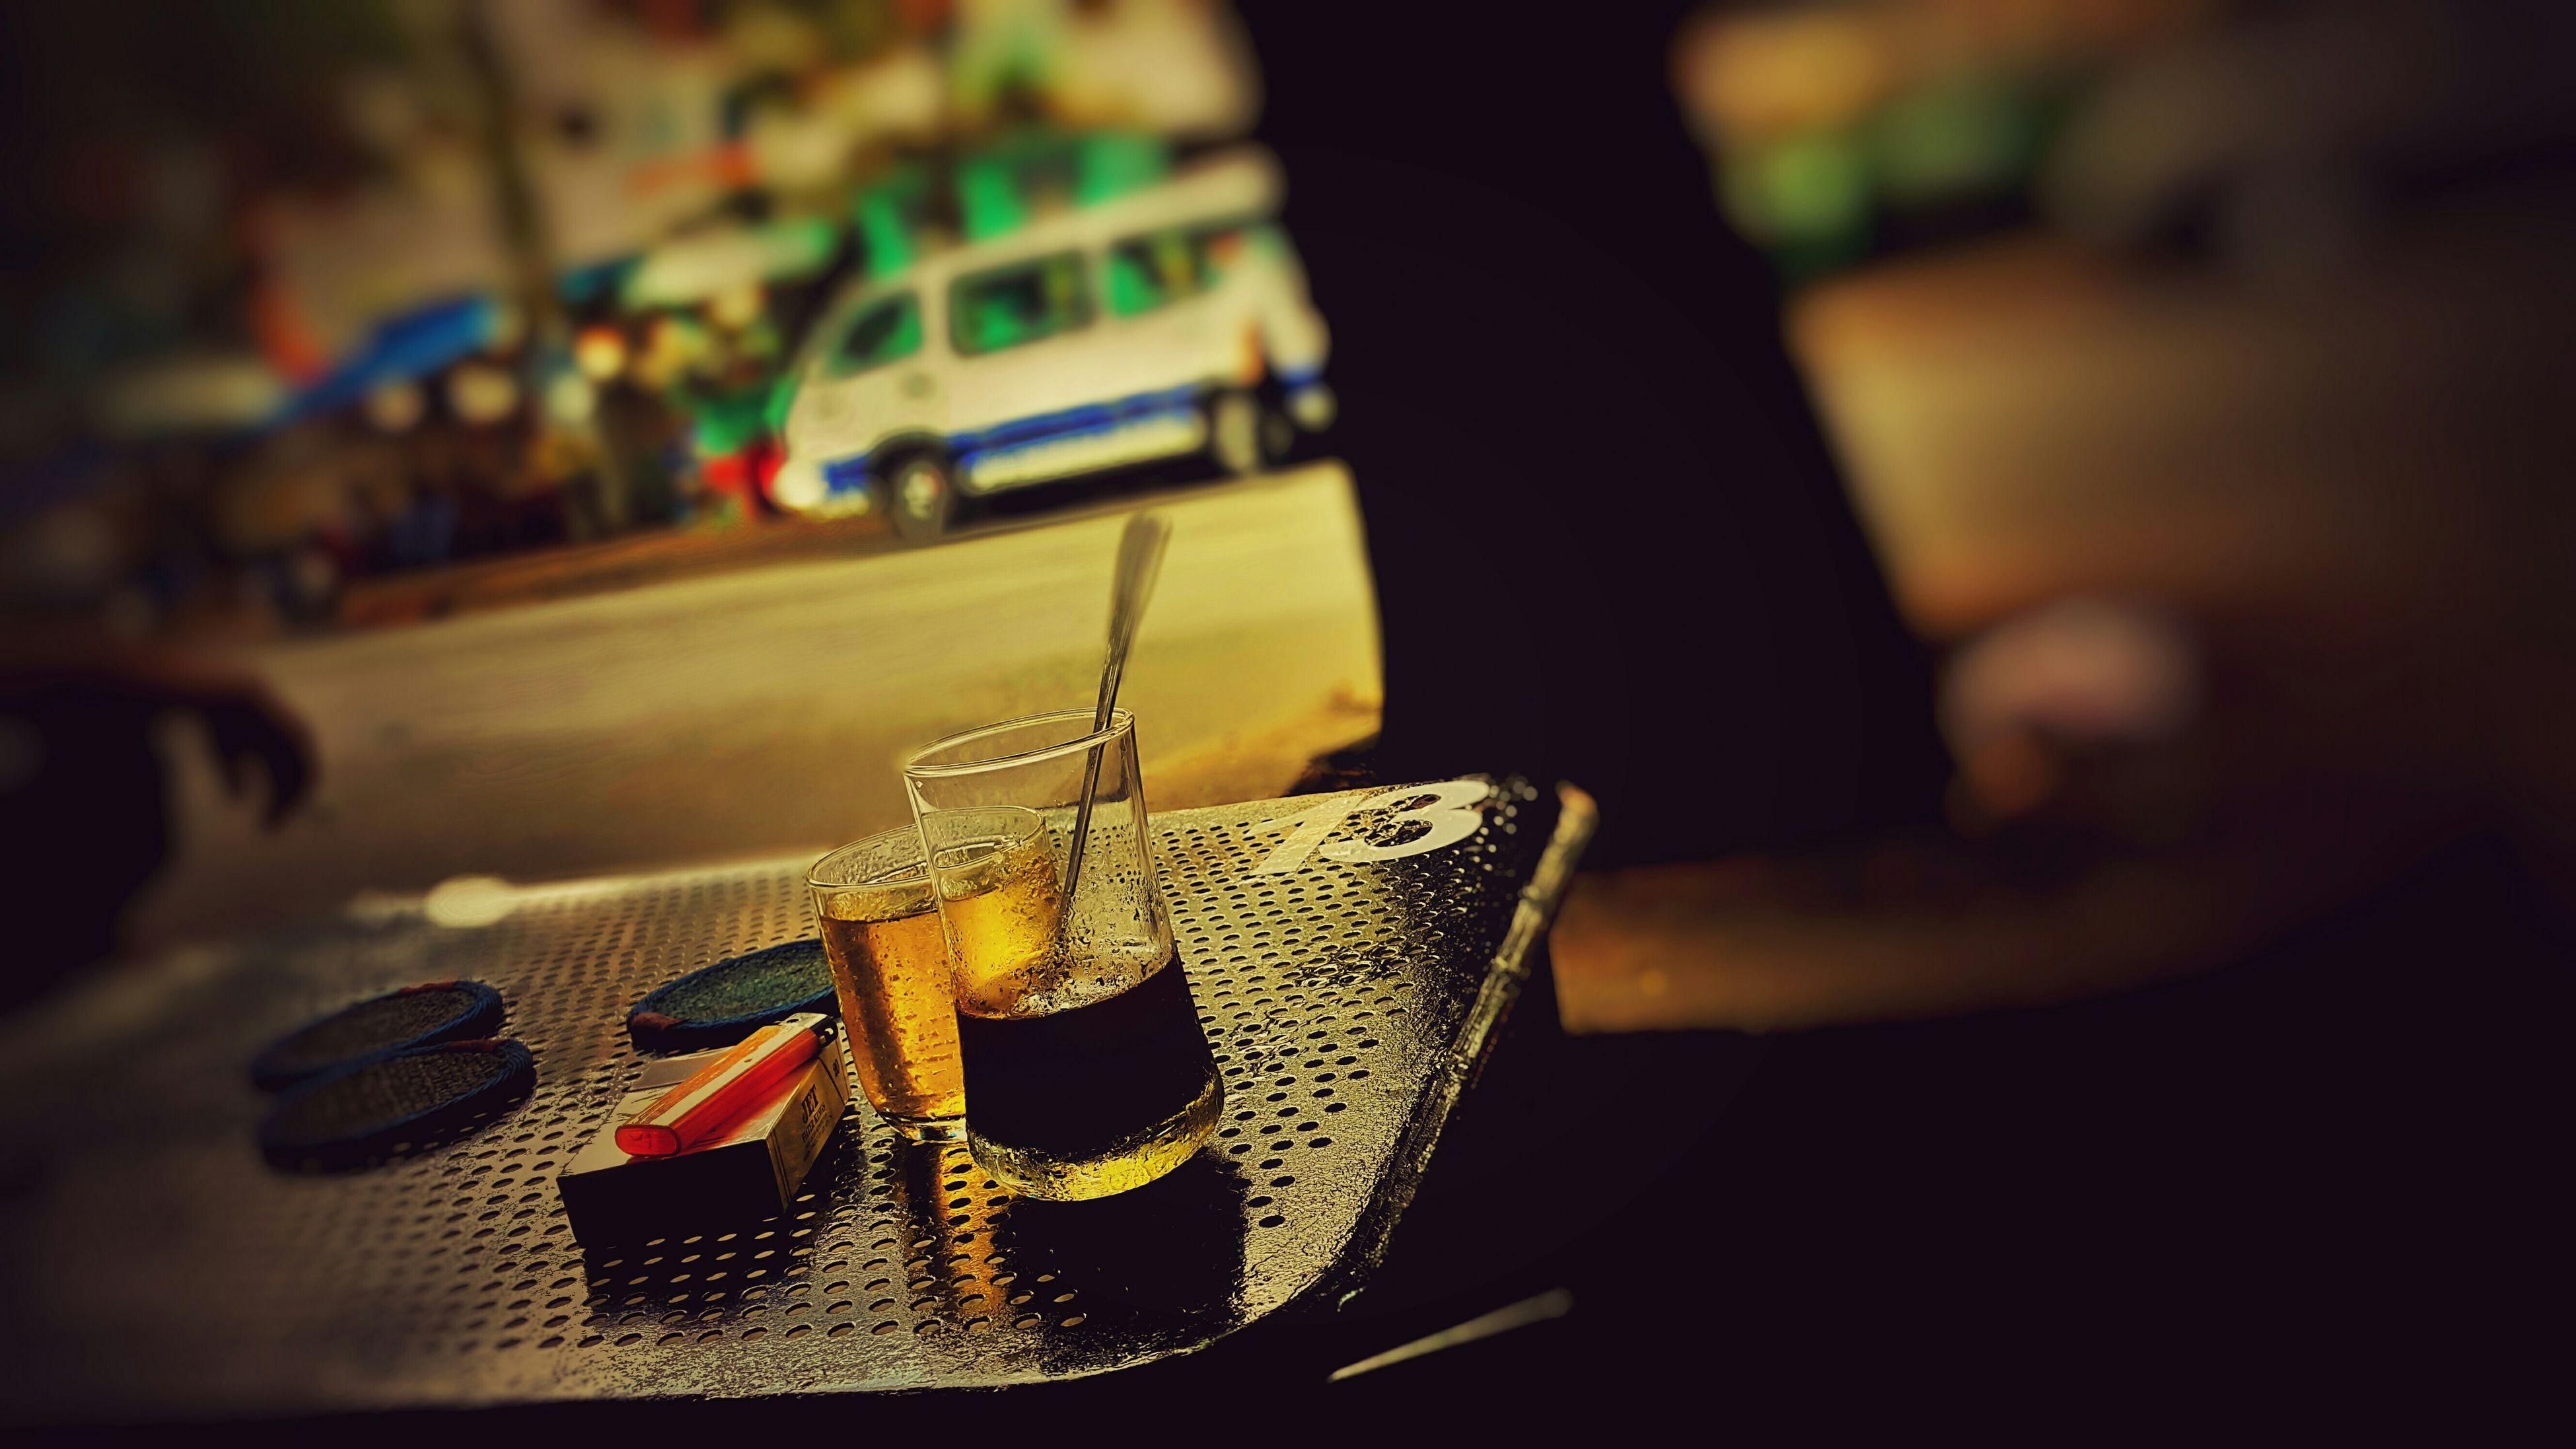 Coffee saigon.....